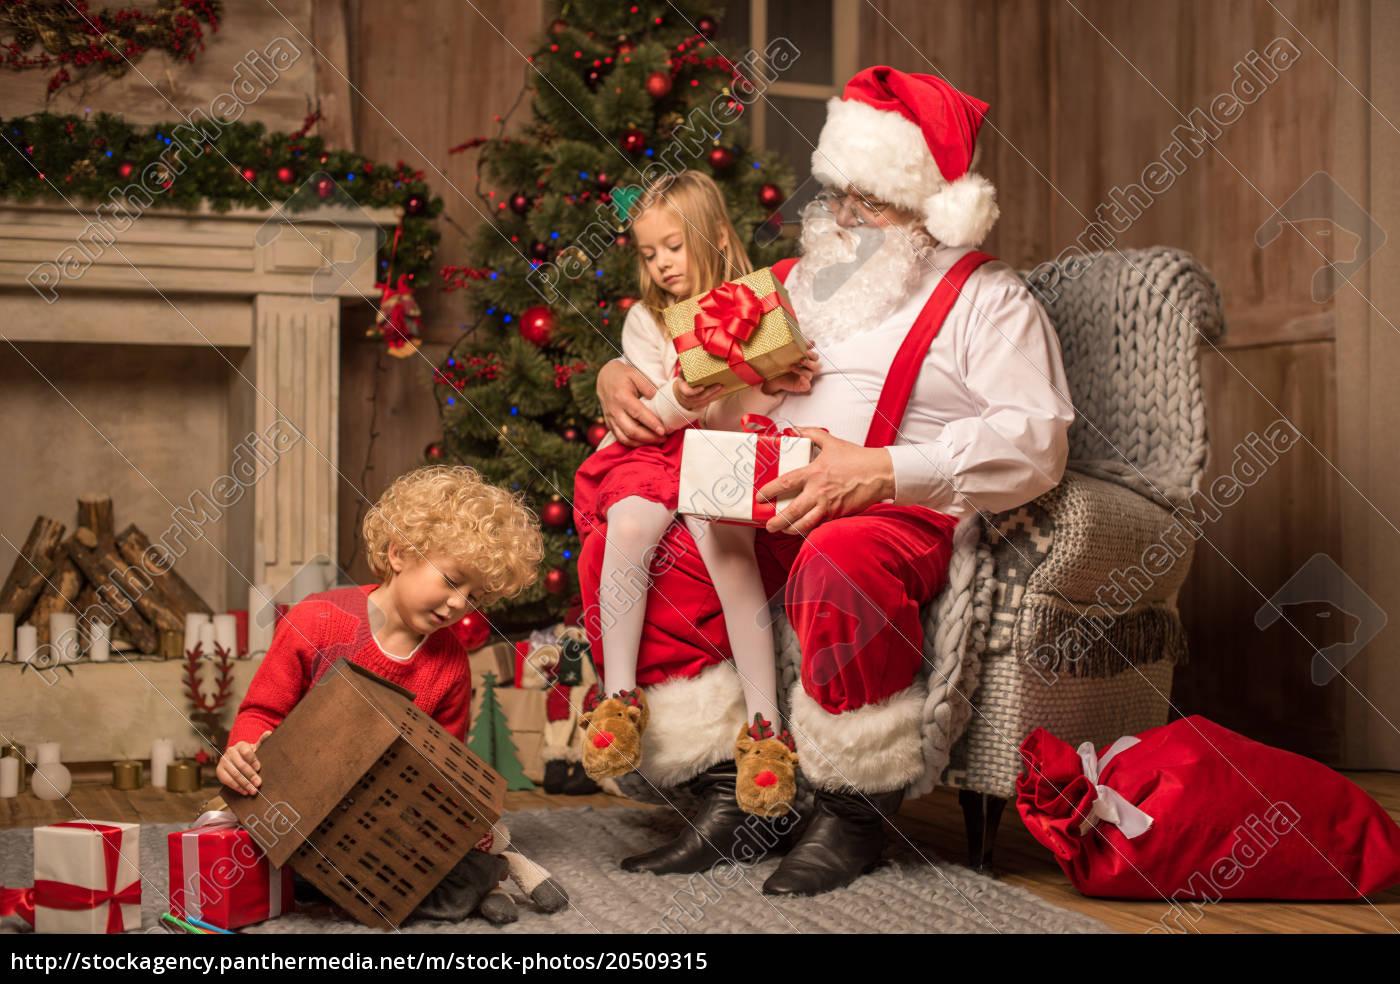 santa, claus, with, children, sitting, near - 20509315